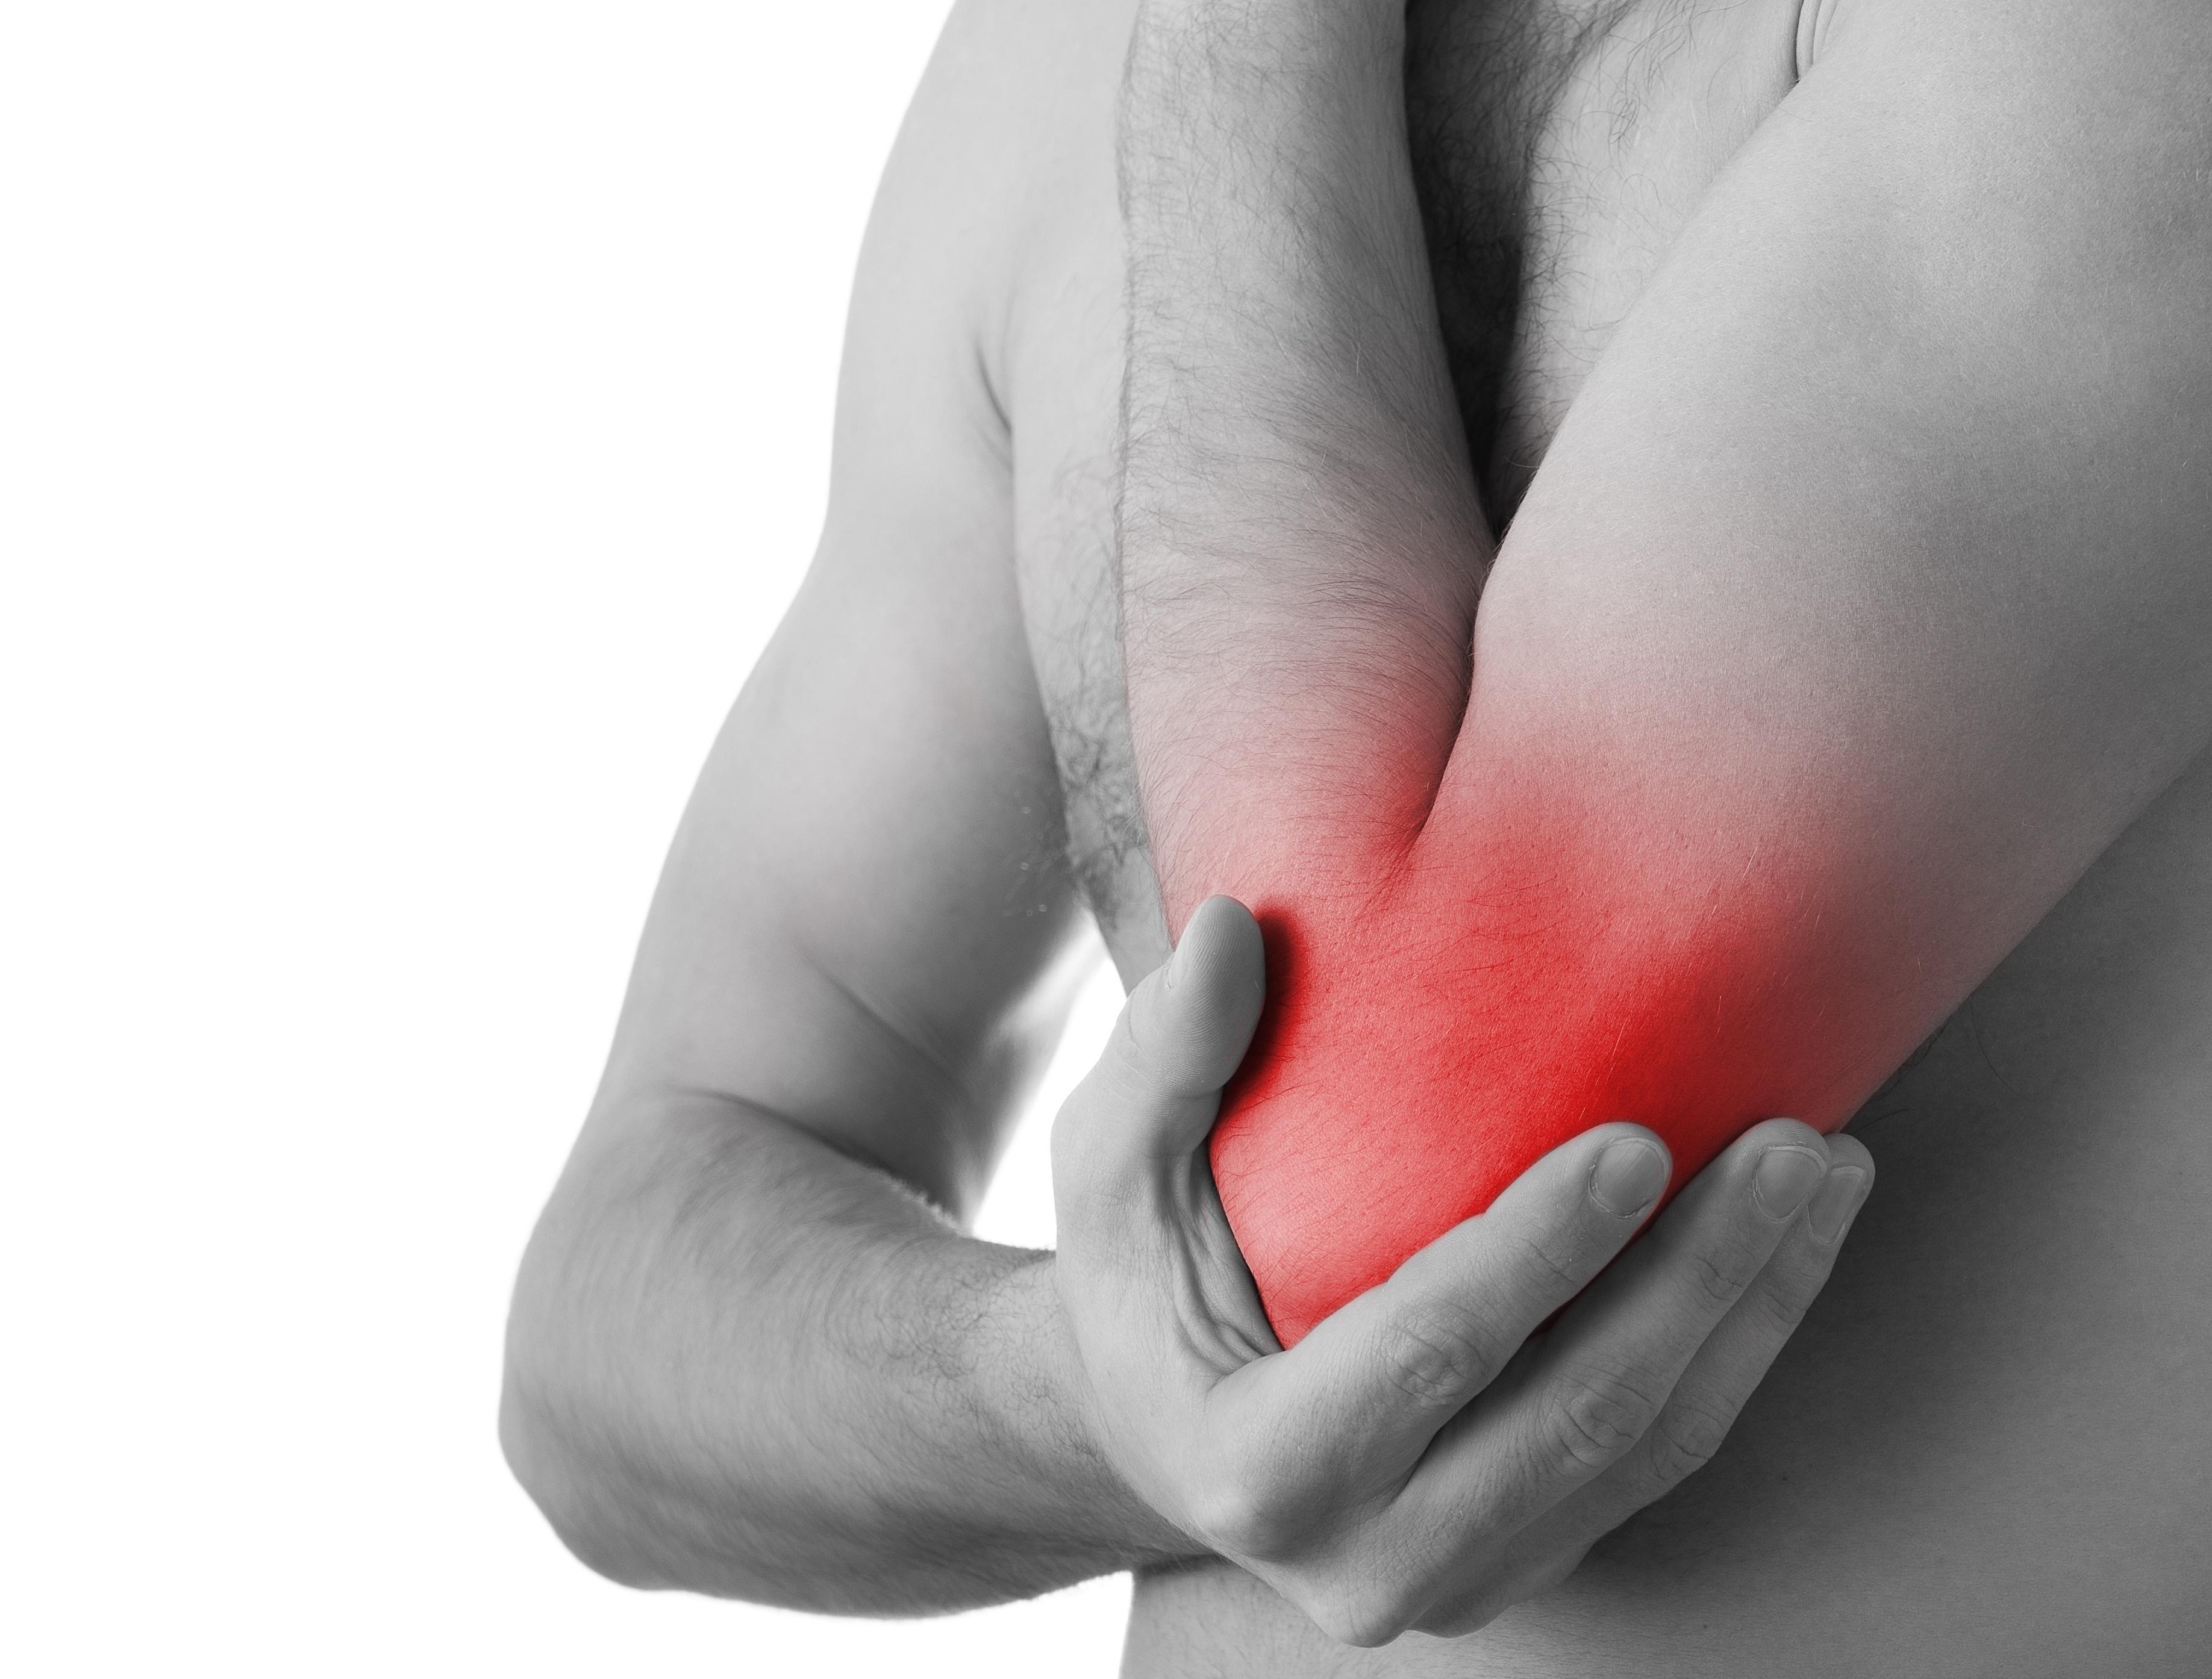 arthrosis hogyan lehet kezelni